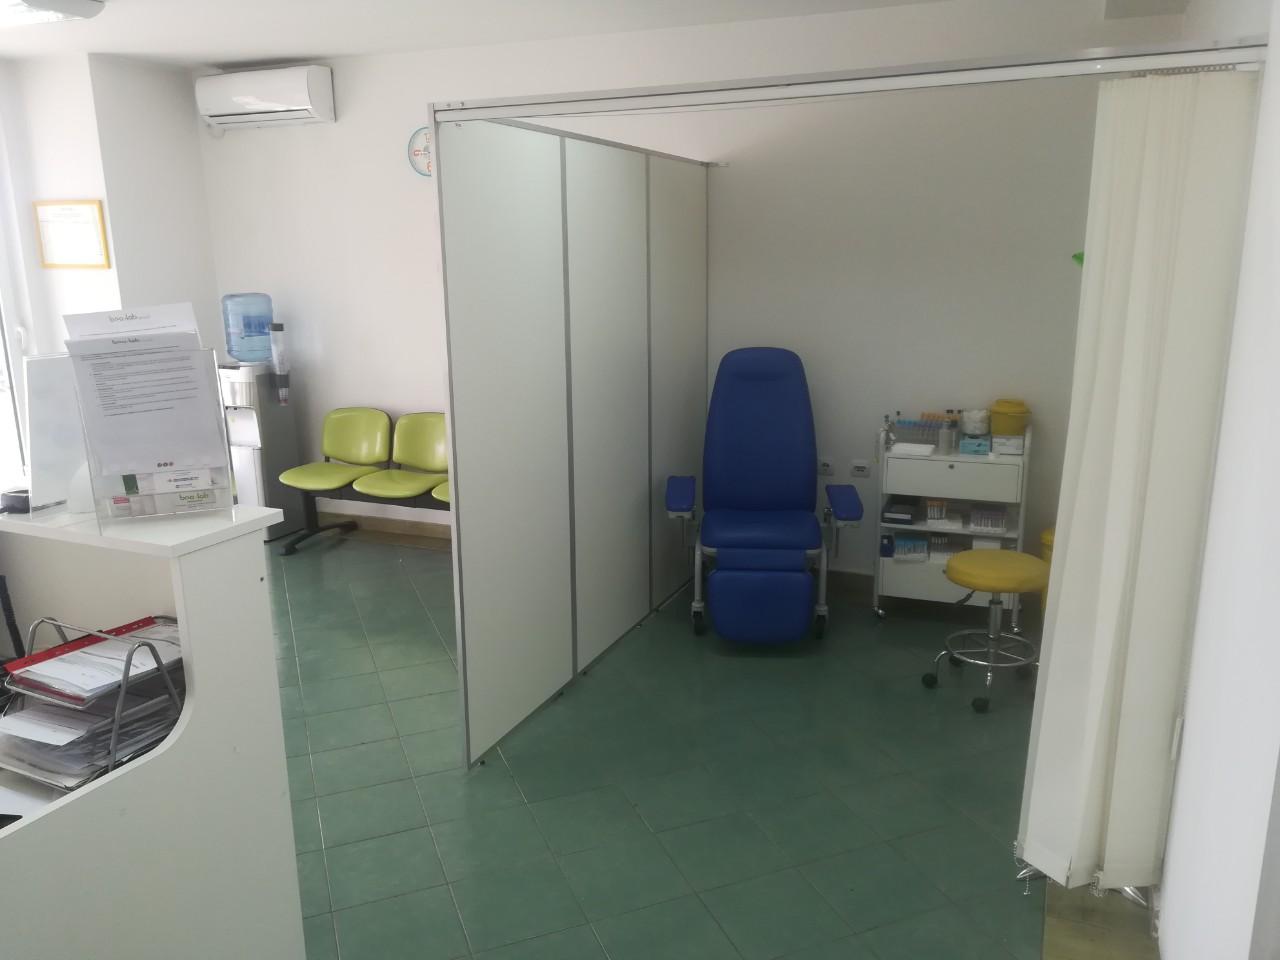 Beo-lab laboratorija Kaluđerica, Smederevski put 24b 4